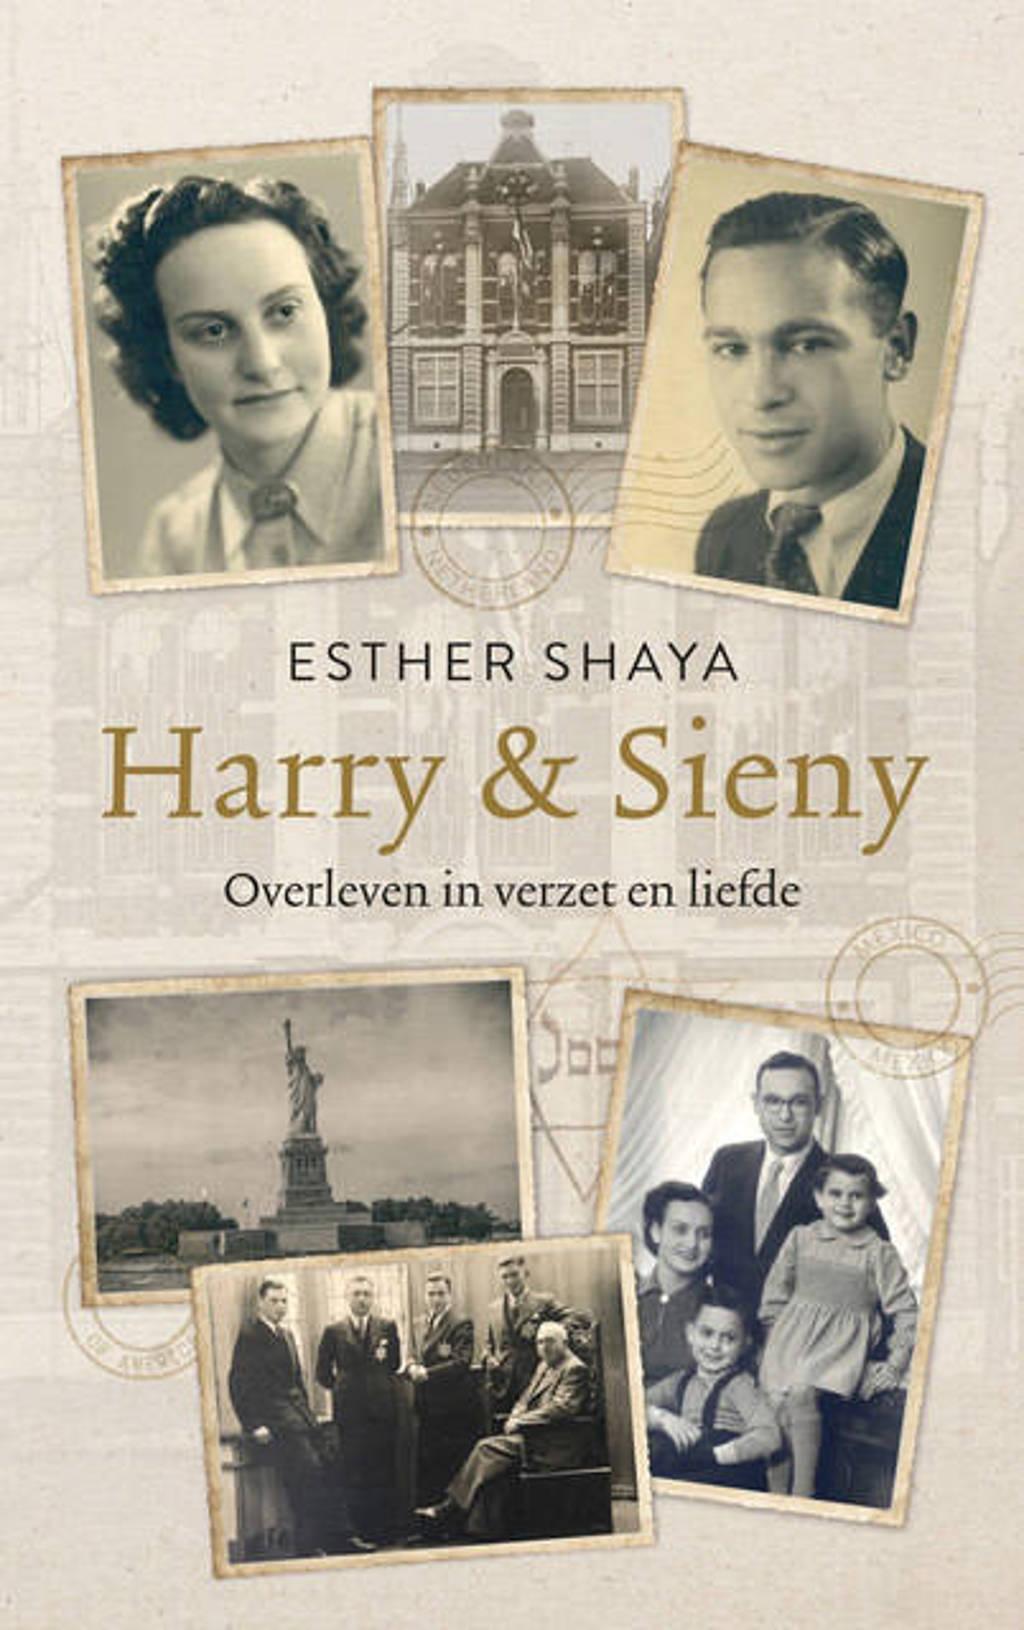 Harry & Sieny - Esther Shaya